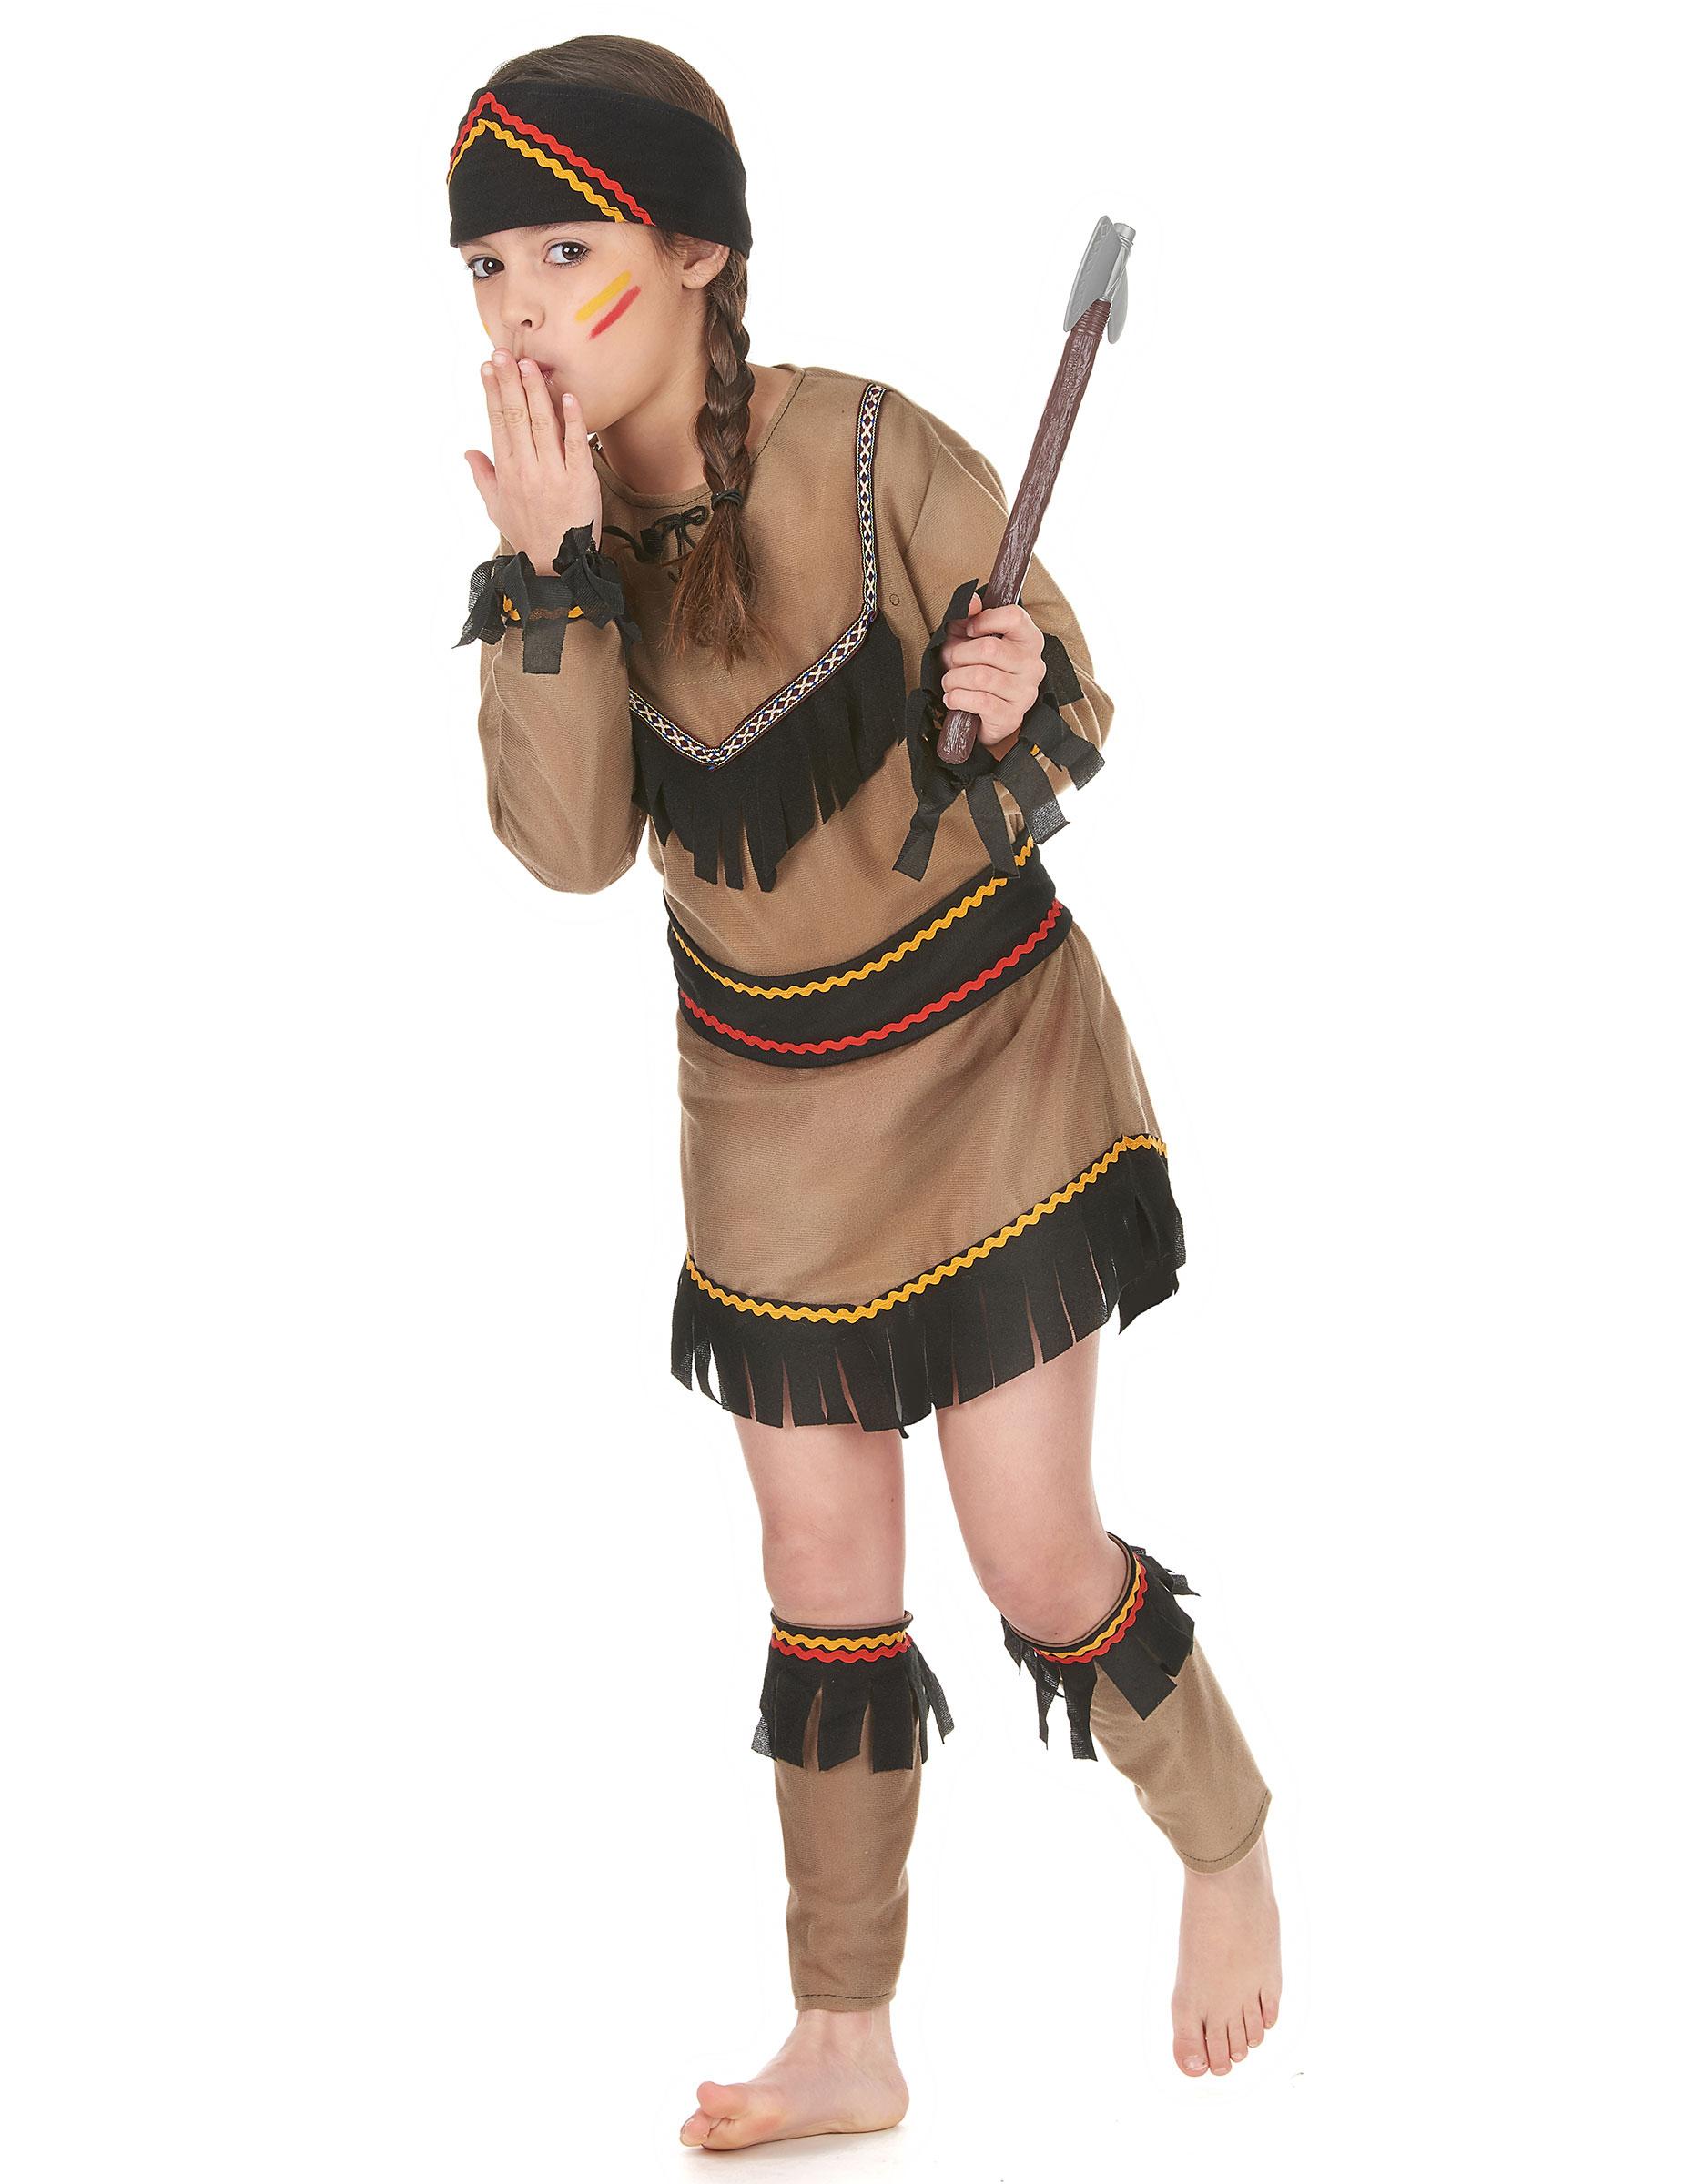 Souvent Deguisement indienne fille pour Carnaval - Deguisetoi KT09